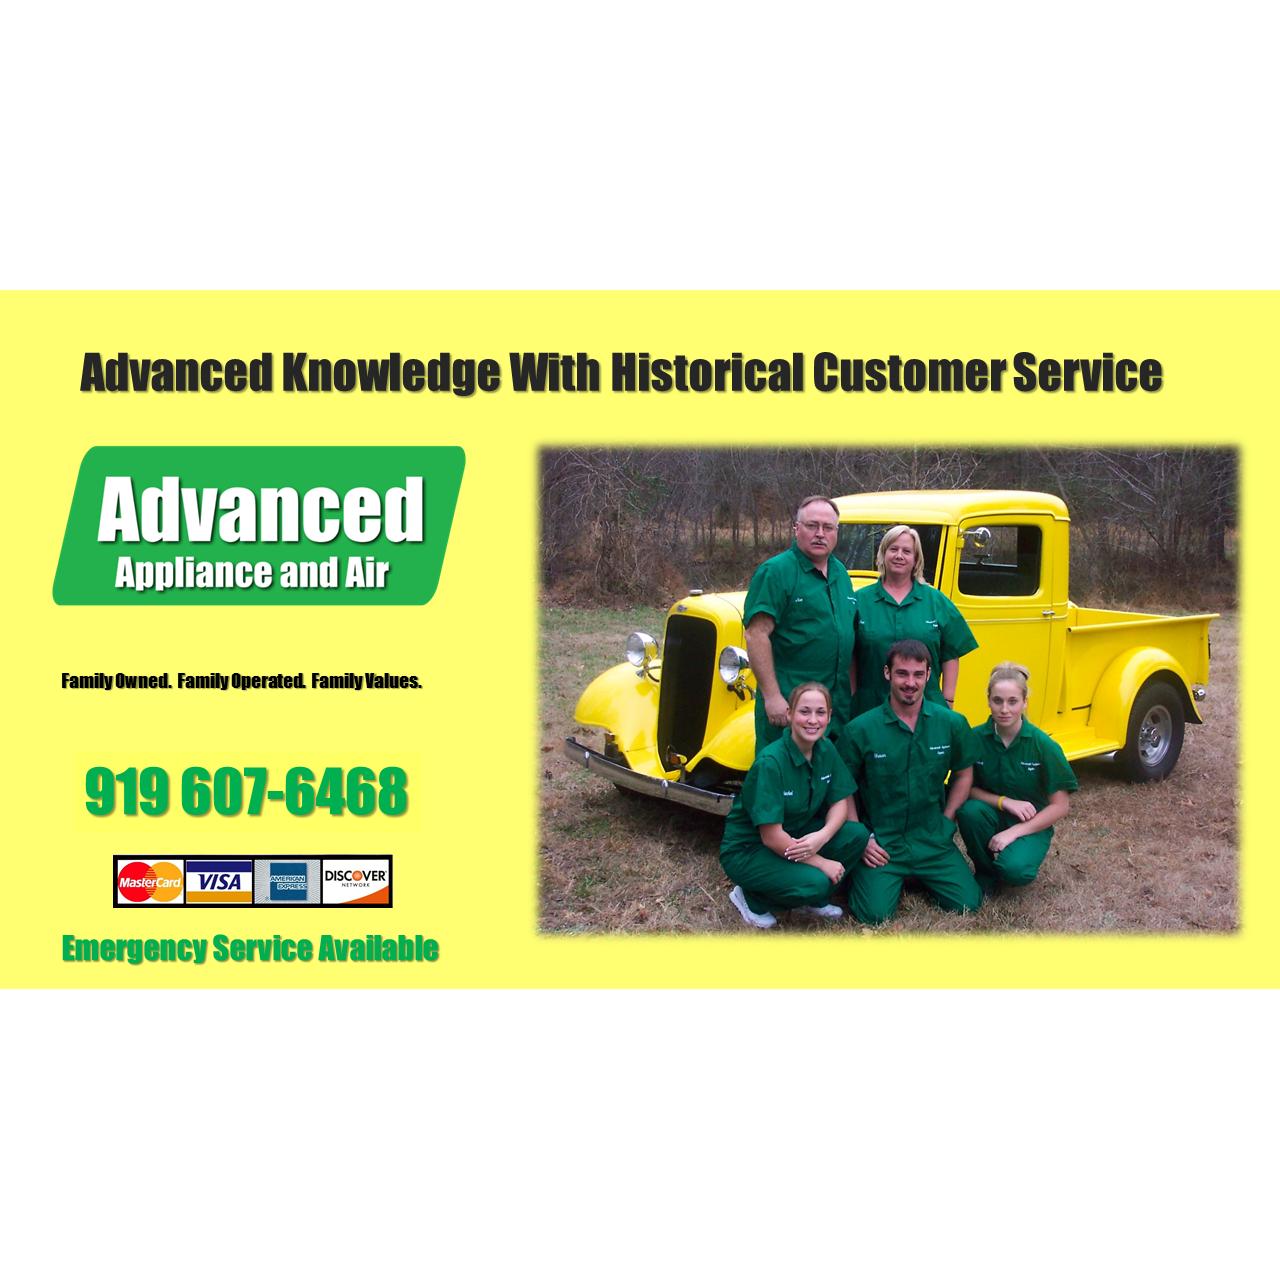 Advanced Appliance & Air